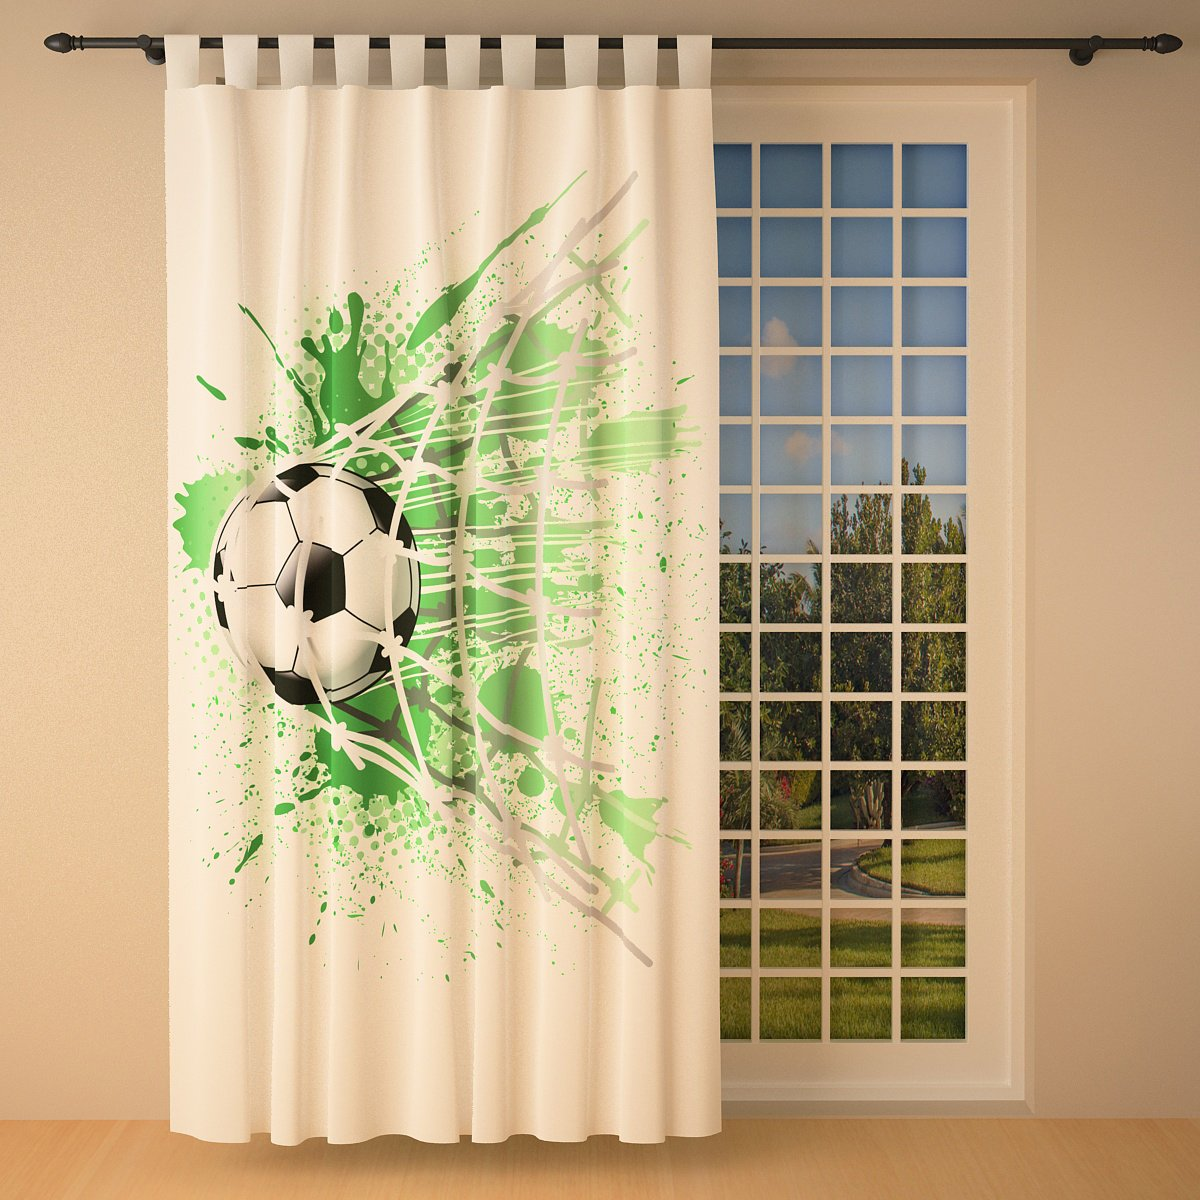 Clever-Kauf-24 Vorhang Gardine für das Kinderzimmer Fußball weiß BxH 145 x 245 cm   Sichtschutz   Lichtdurchlässig   Schlaufenschal fürs Vereinsheim